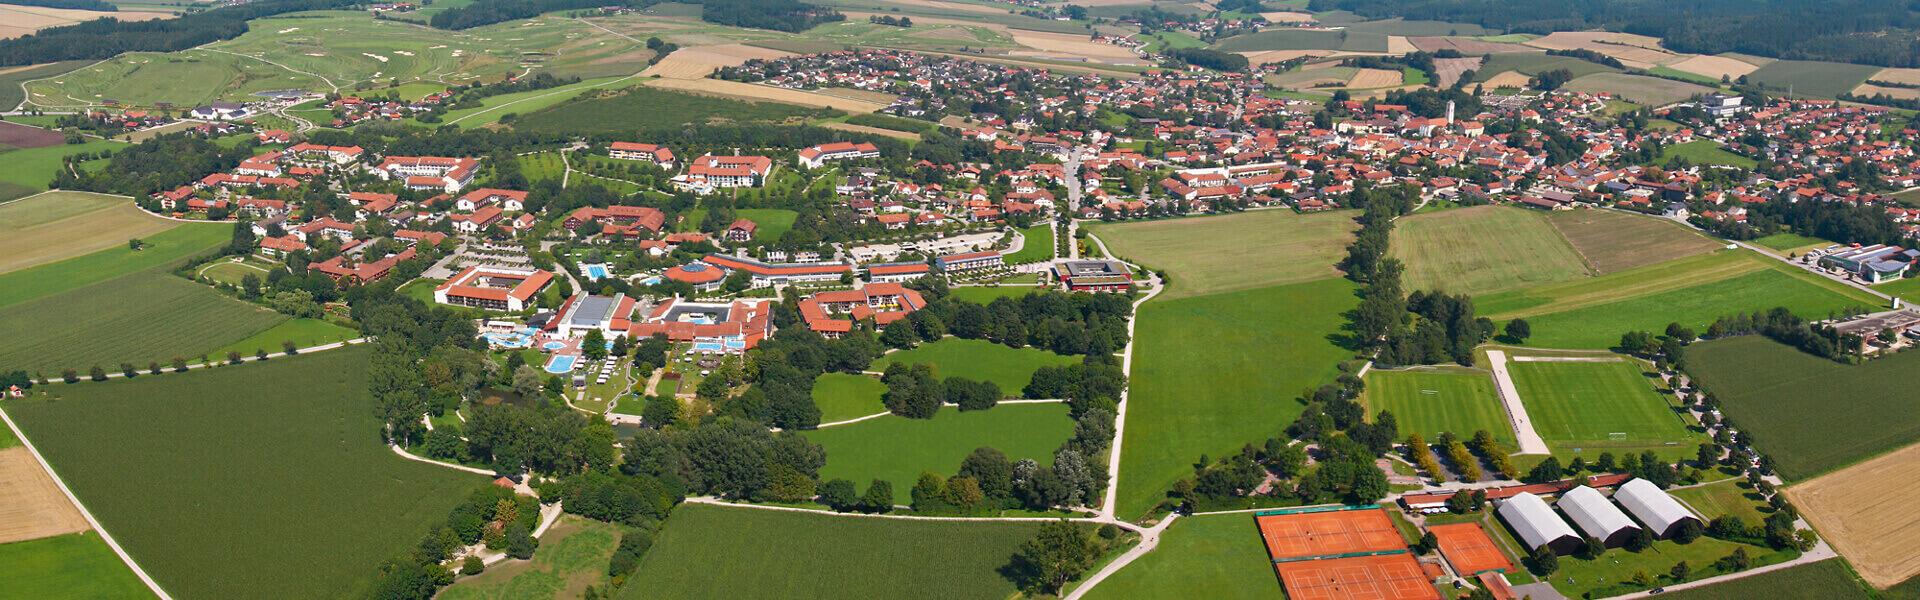 Bad Birnbach Luftaufnahme